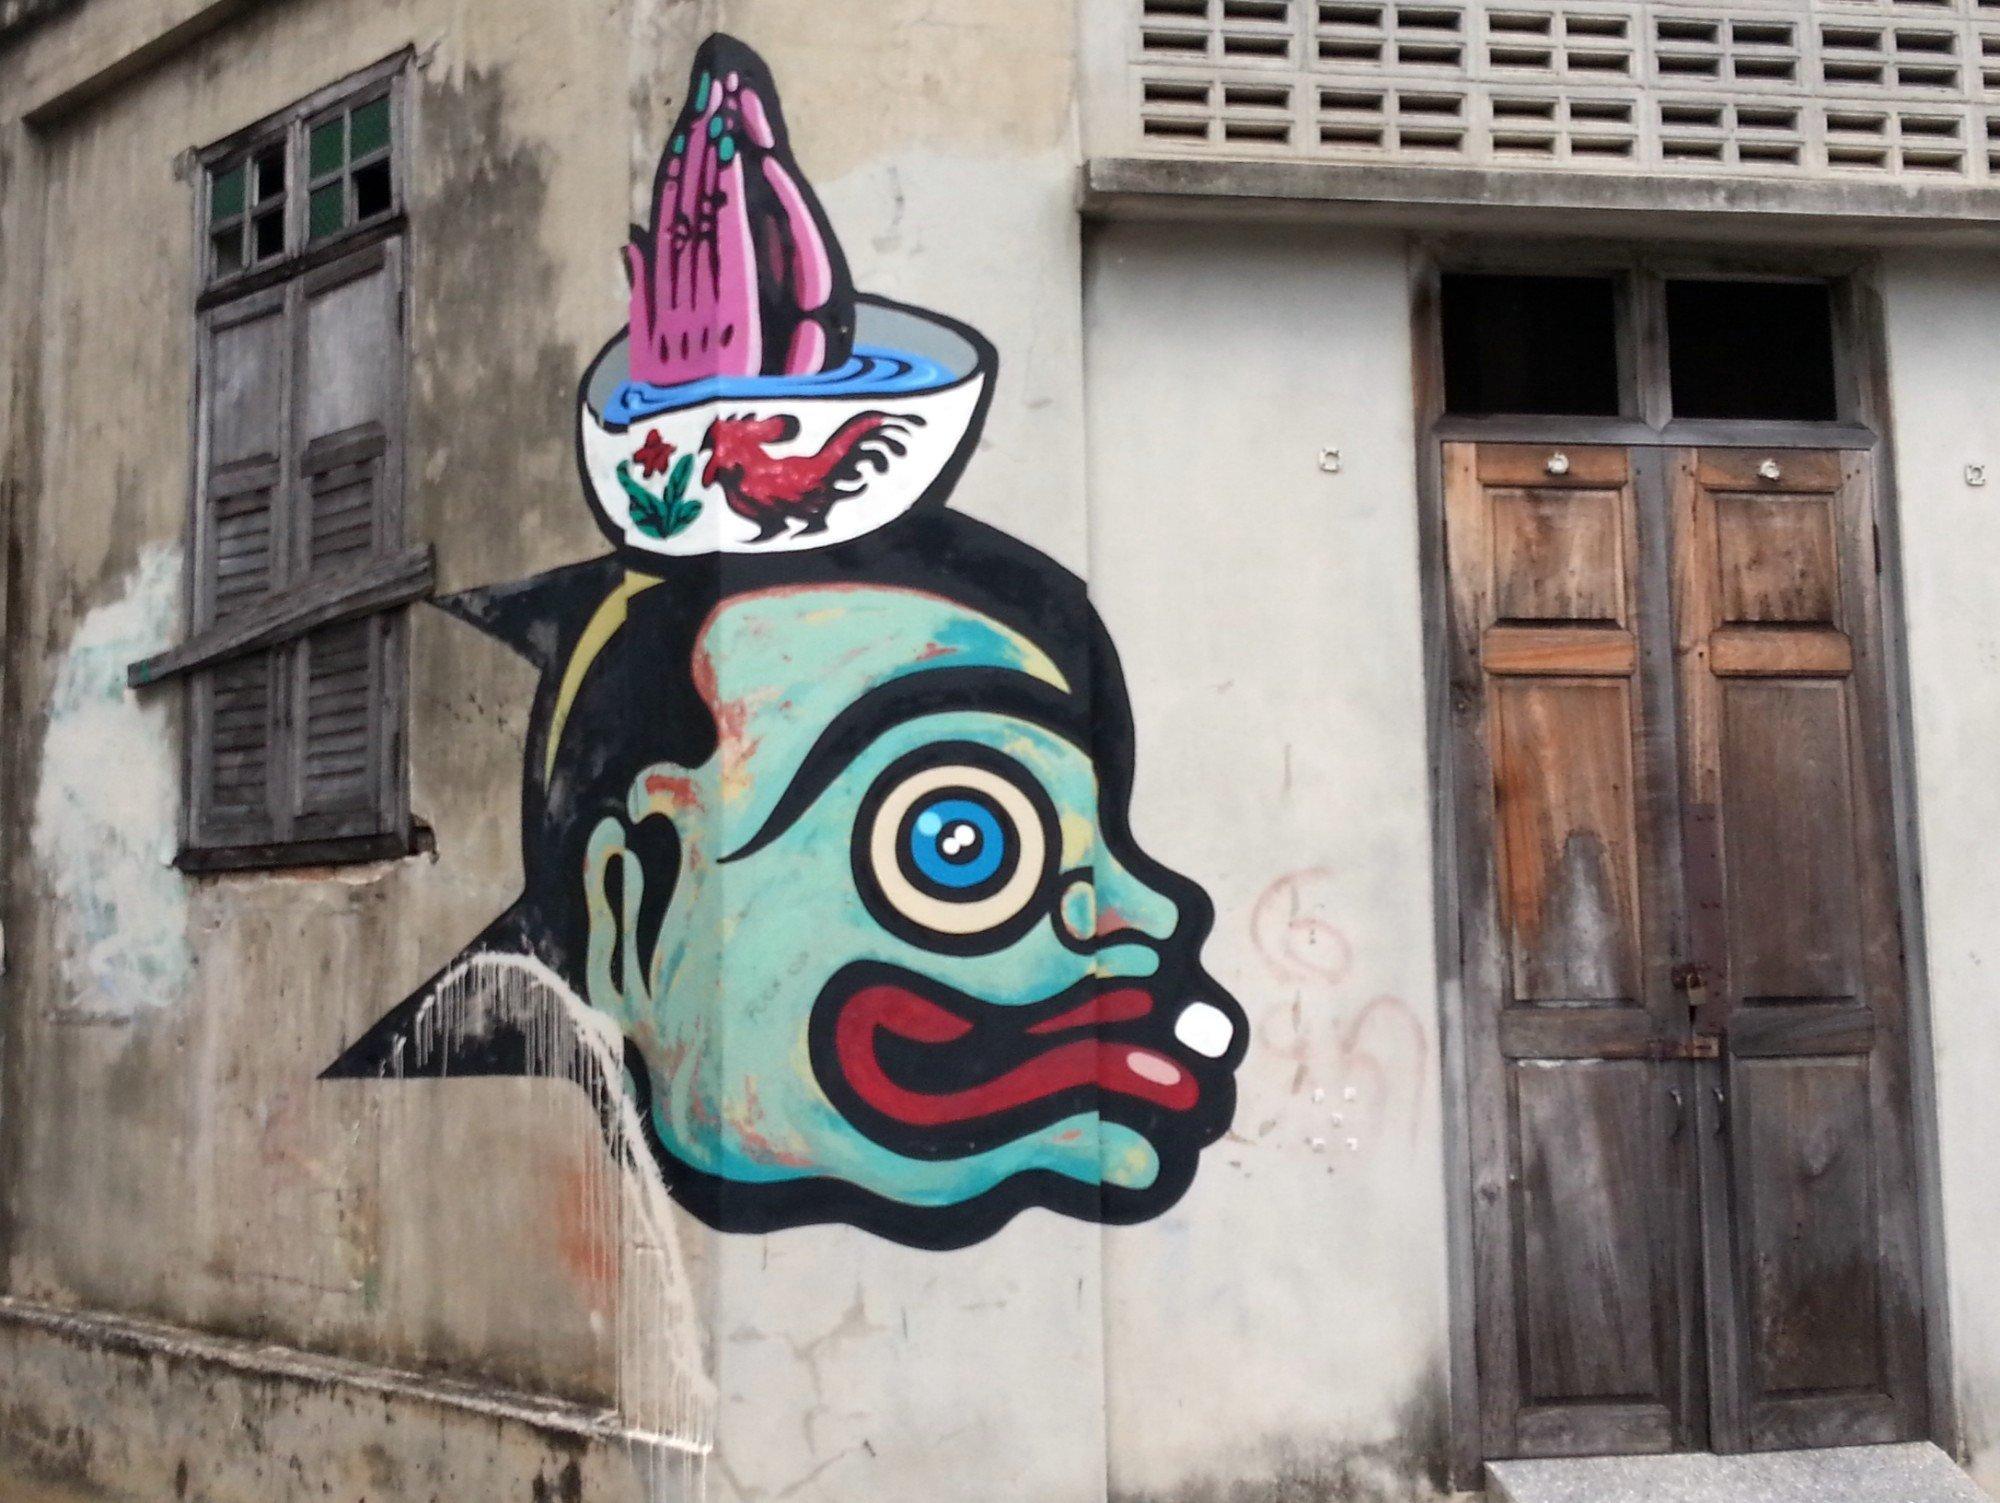 Monster wall mural in Songkhla